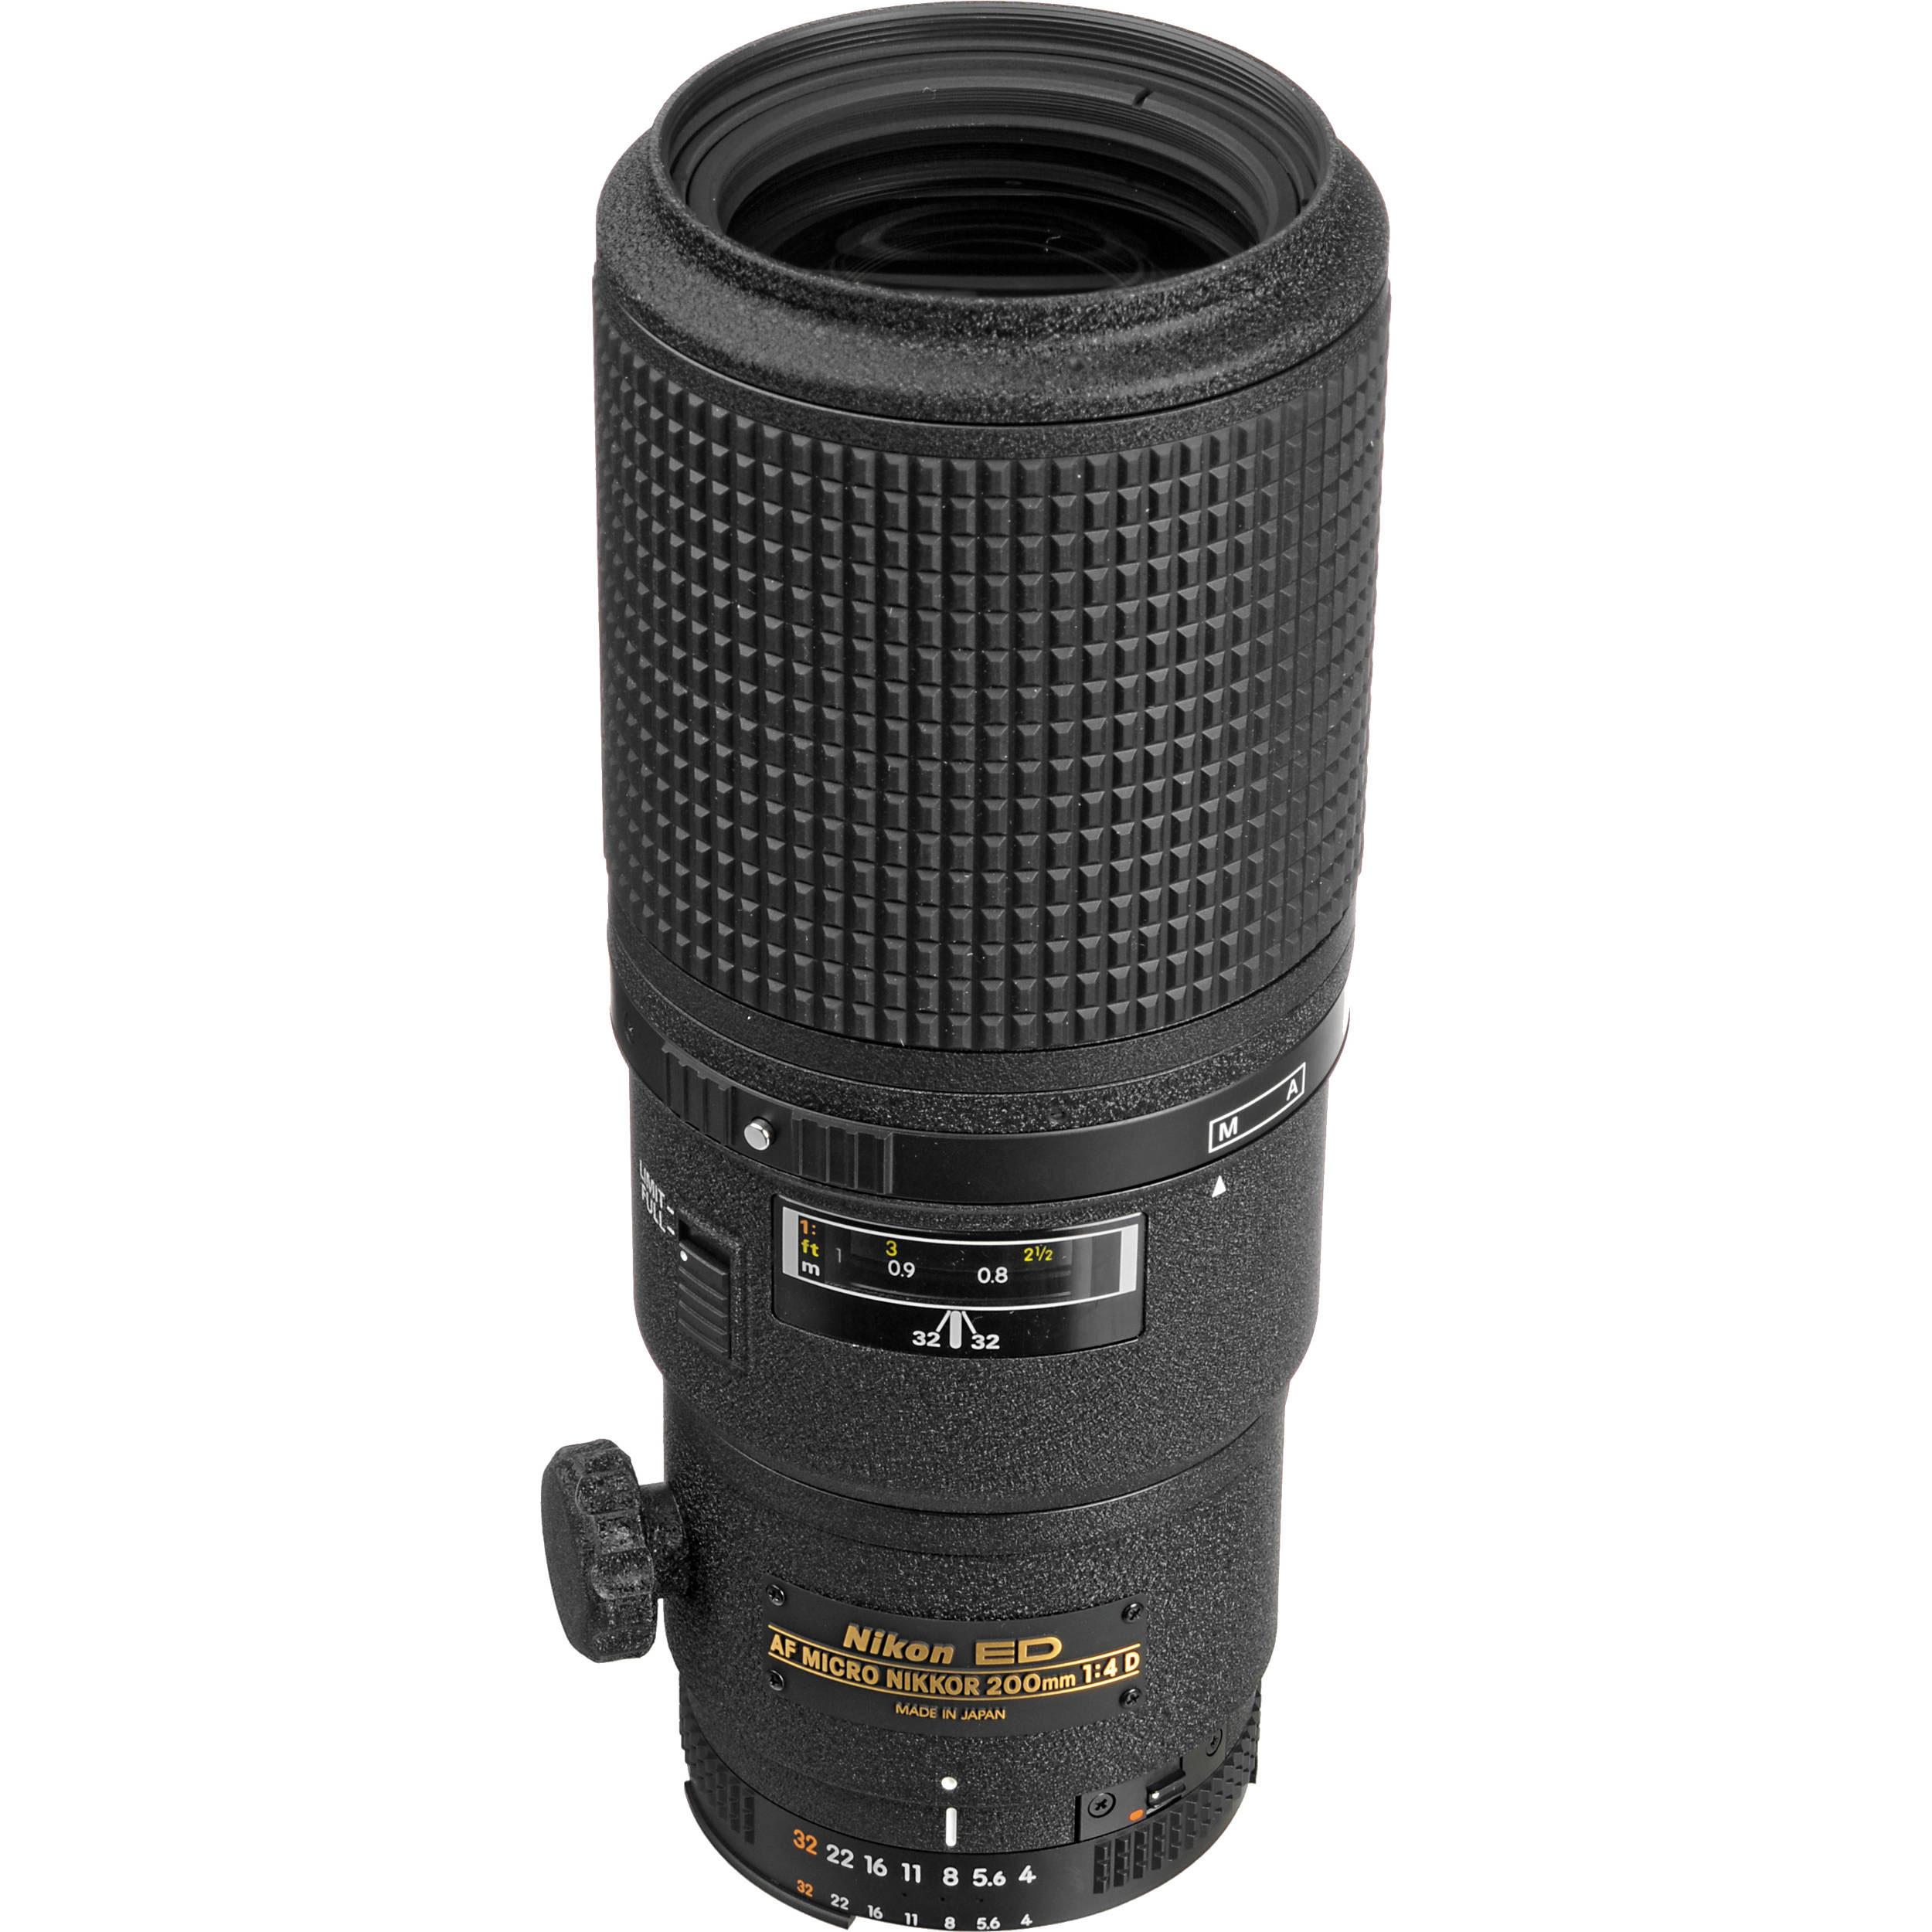 Nikon AF Micro-NIKKOR 200mm f/4D IF-ED Lens